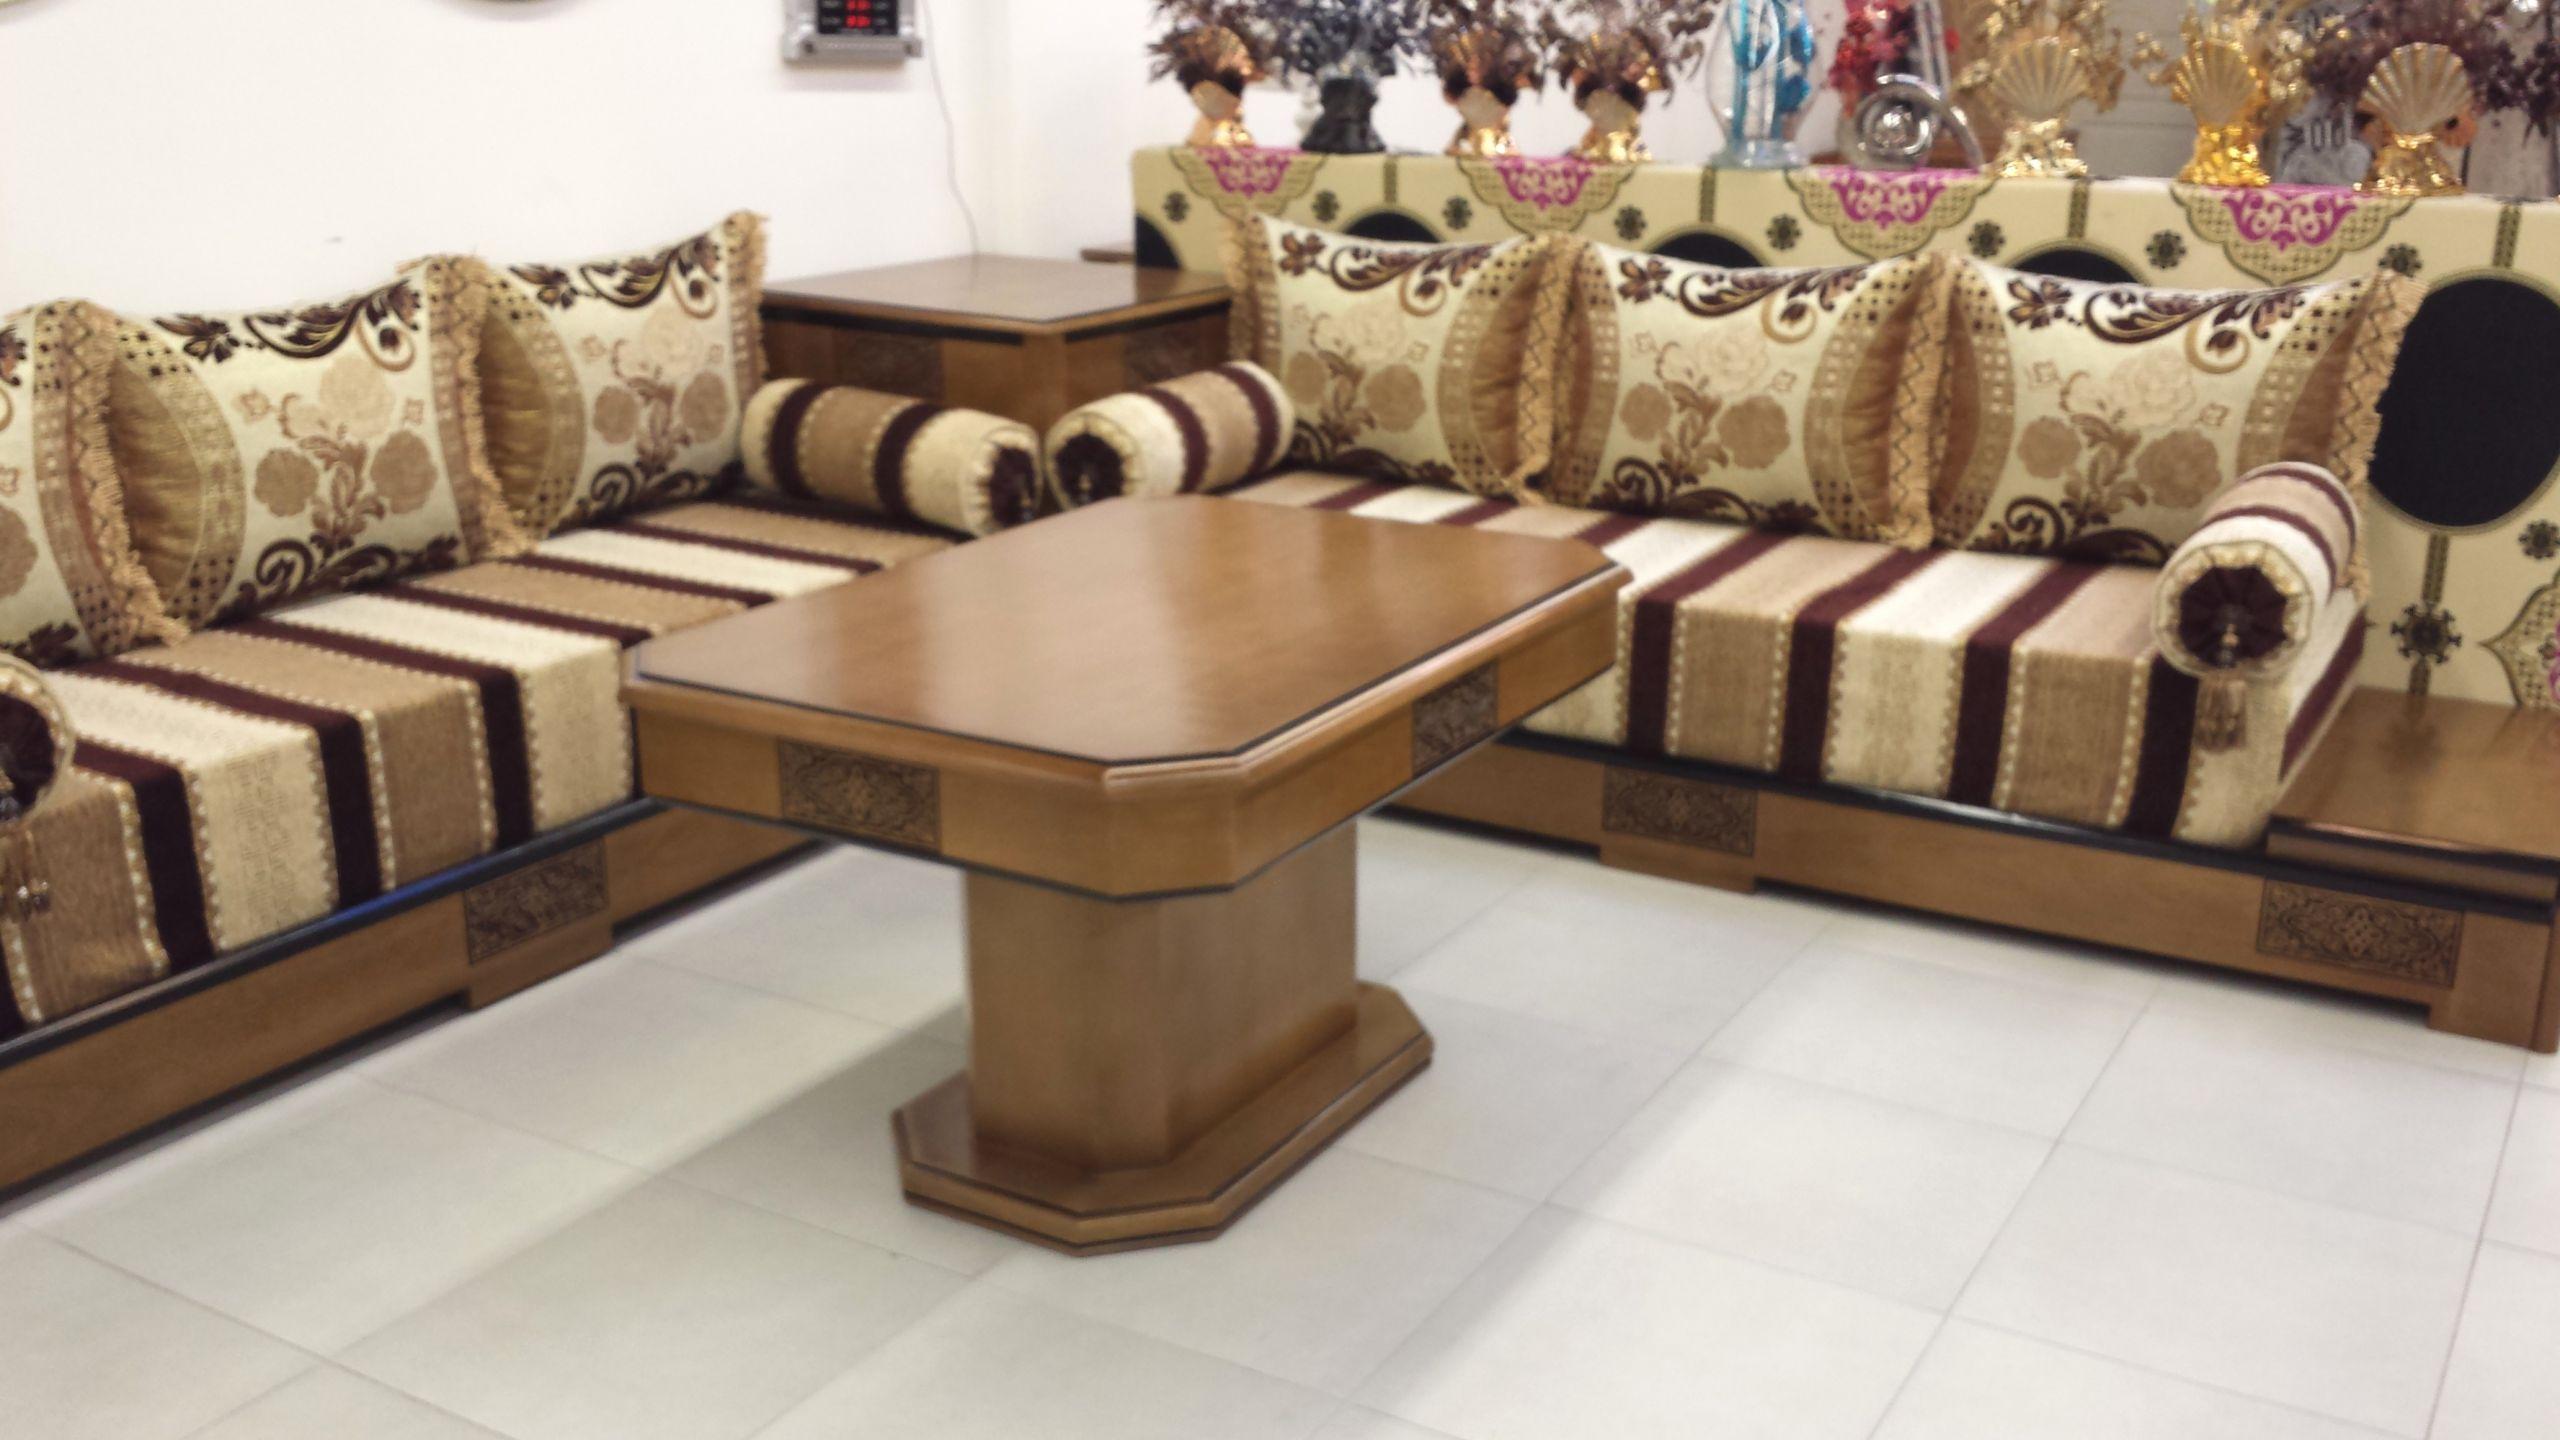 vente tissu salon tunisie avec vente salon marocain en tunisie collection avec salon marocain avec vente salon marocain en tunisie collection avec salon marocain moderne tunisie images et vente tissu